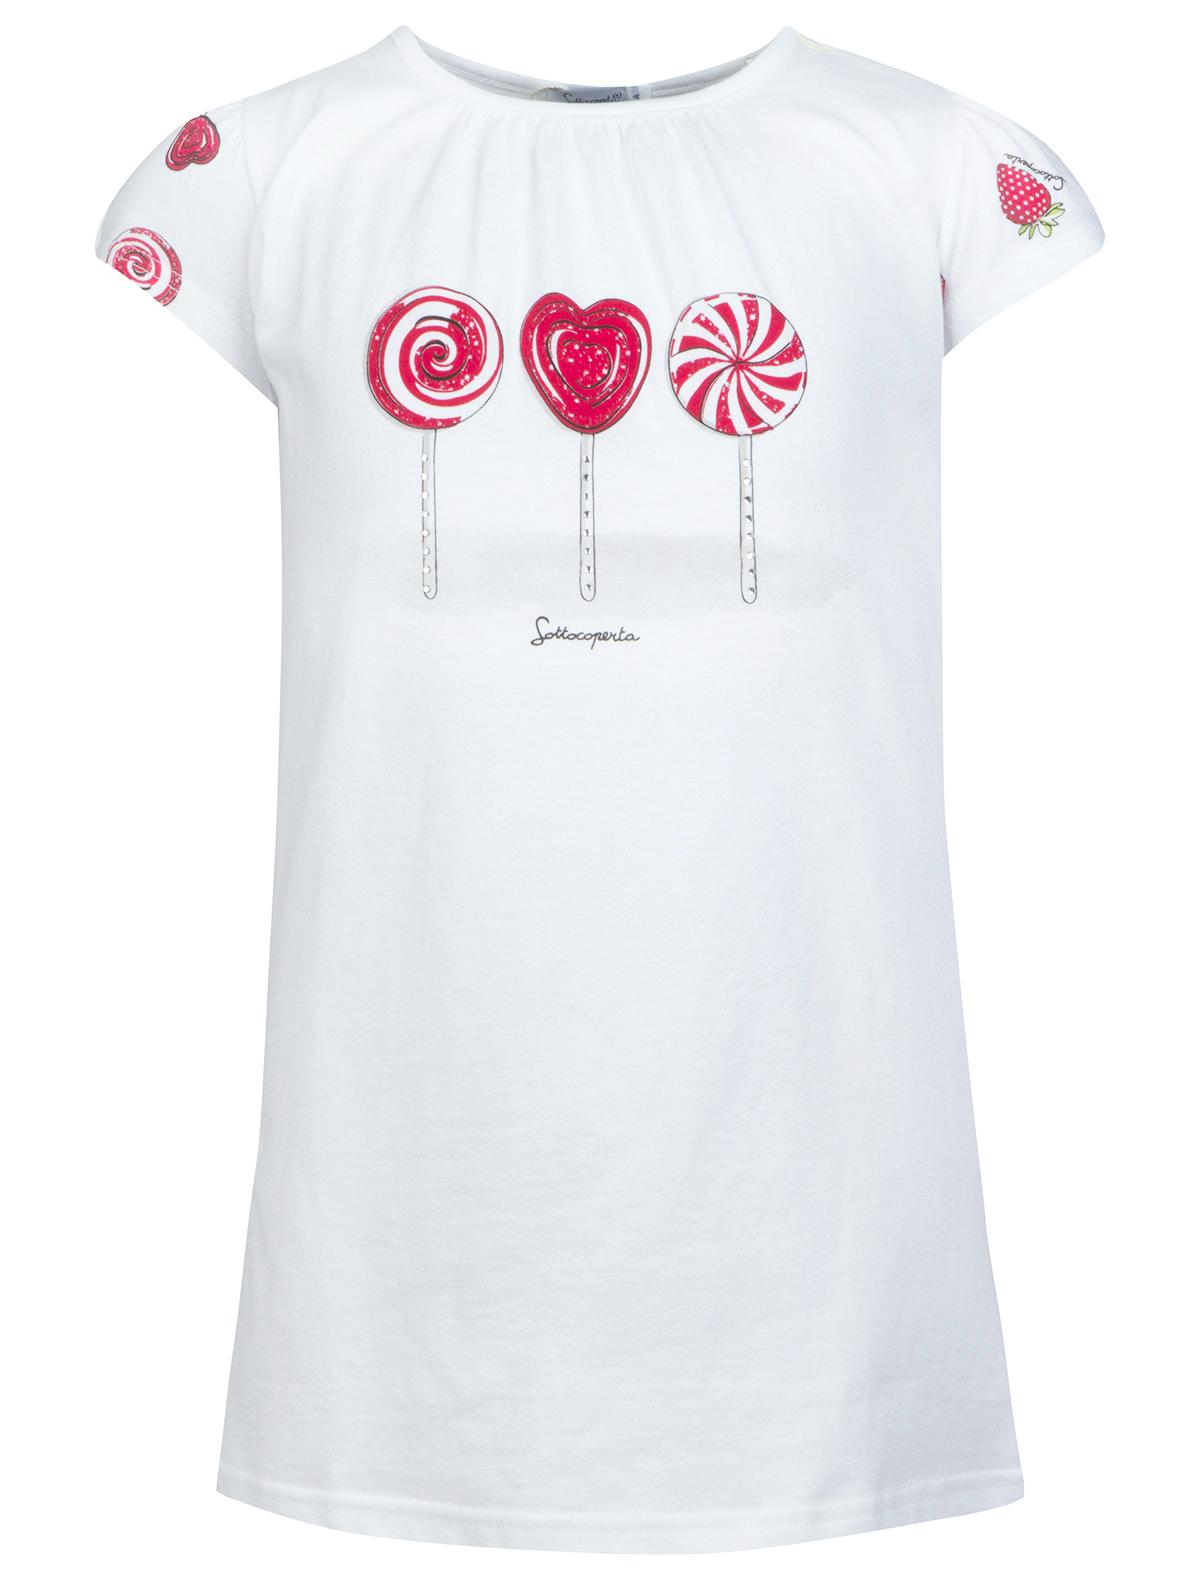 Купить 1929080, Ночная рубашка Sottocoperta, белый, Женский, 3341209670074